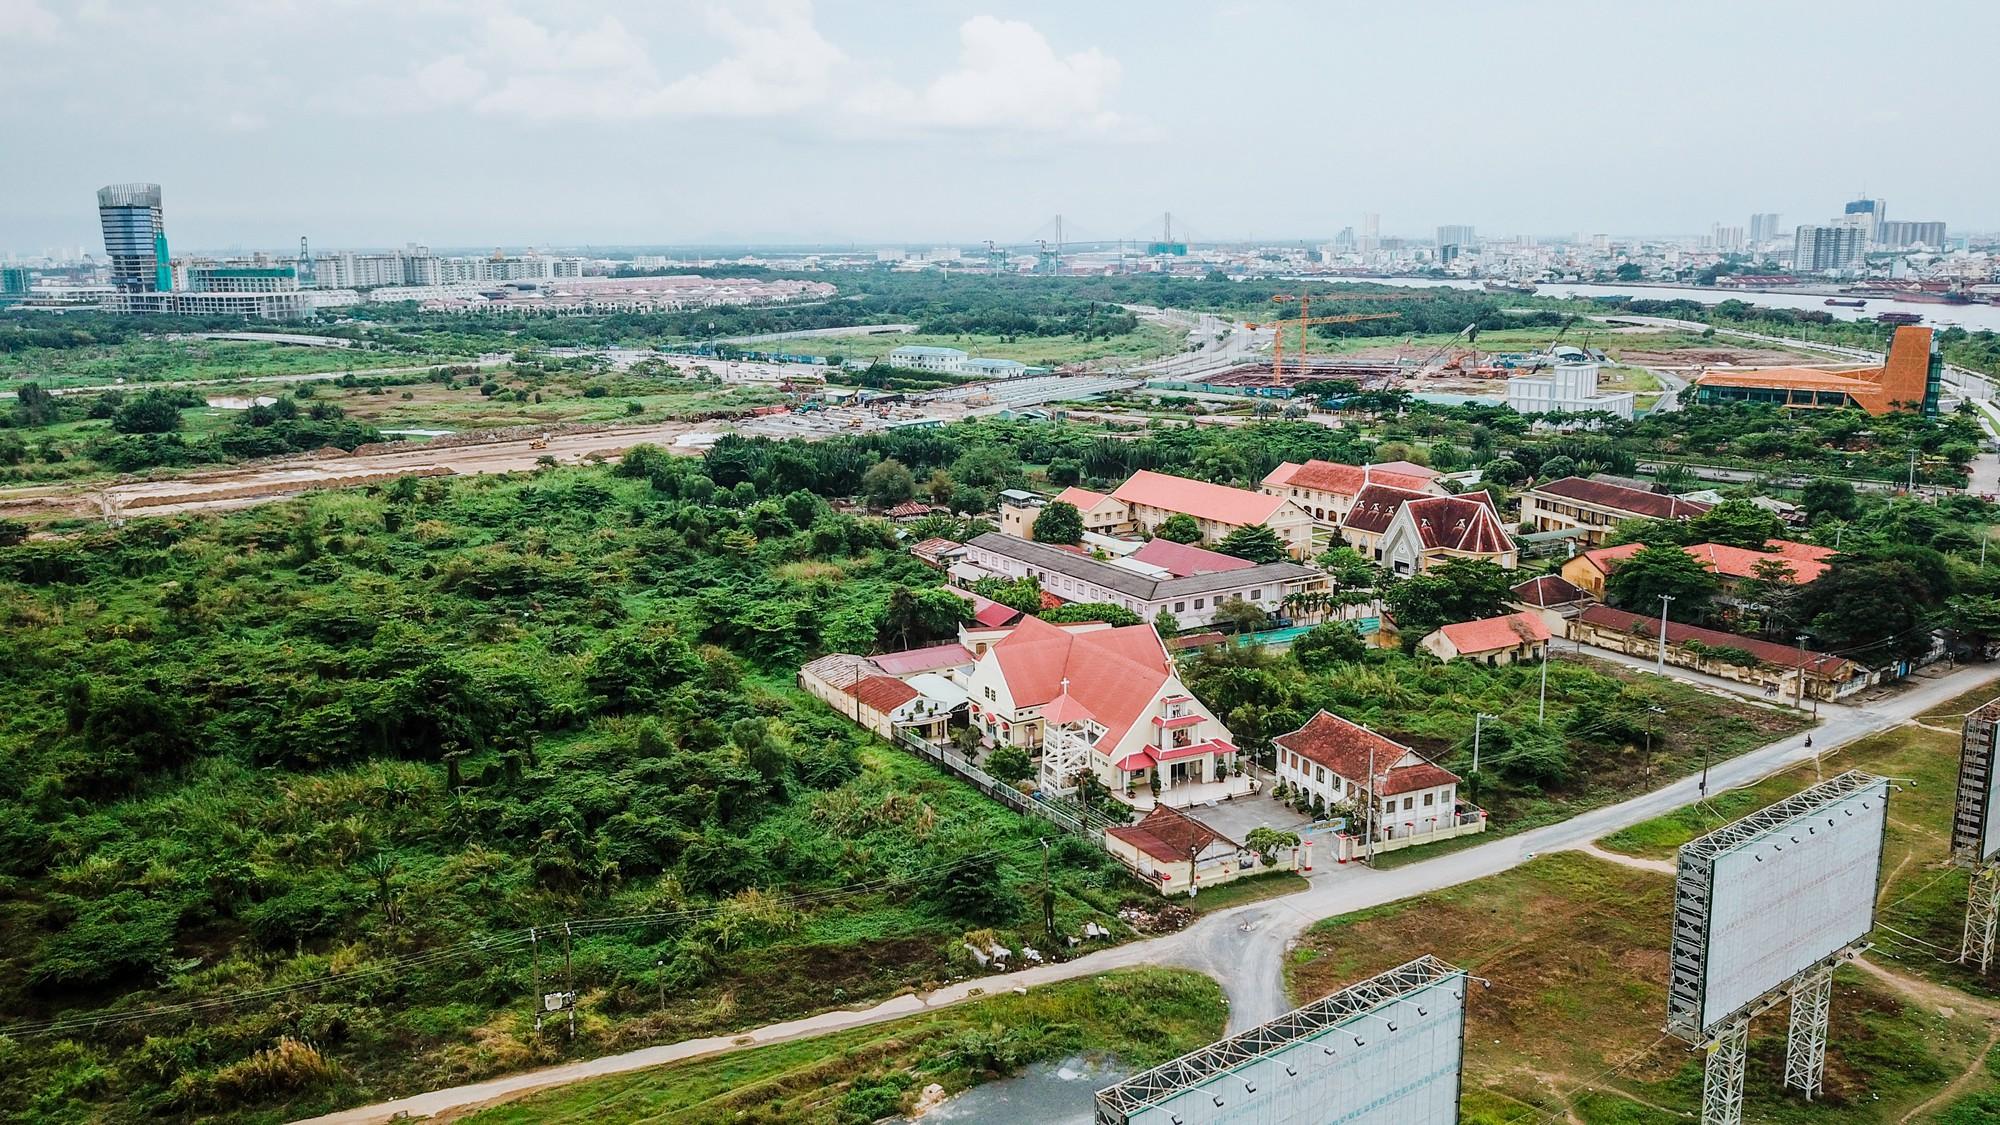 Cận cảnh khu đất vàng tại Thủ Thiêm, nơi dự kiến xây nhà hát giao hưởng 1.500 tỷ đồng - Ảnh 5.